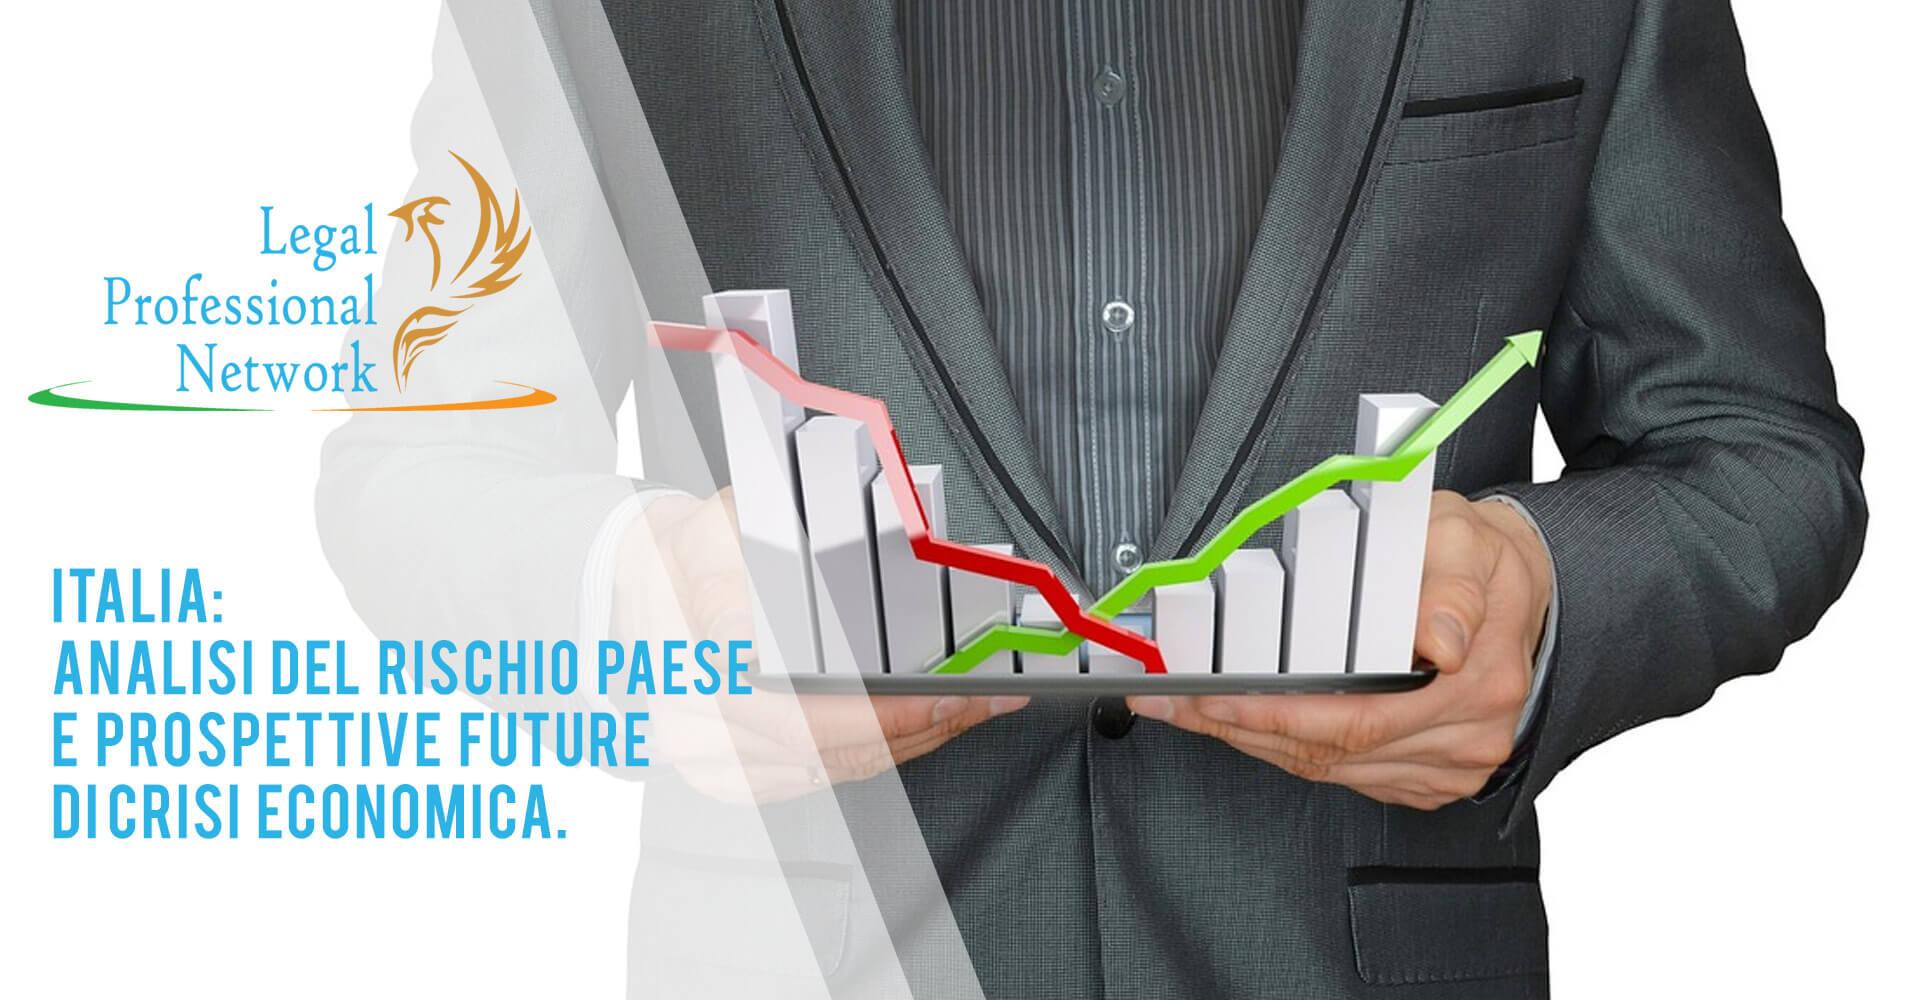 Italia: Analisi del rischio Paese e prospettive future di crisi economica legalprofessionalnetwork sovraindebitamento legge301